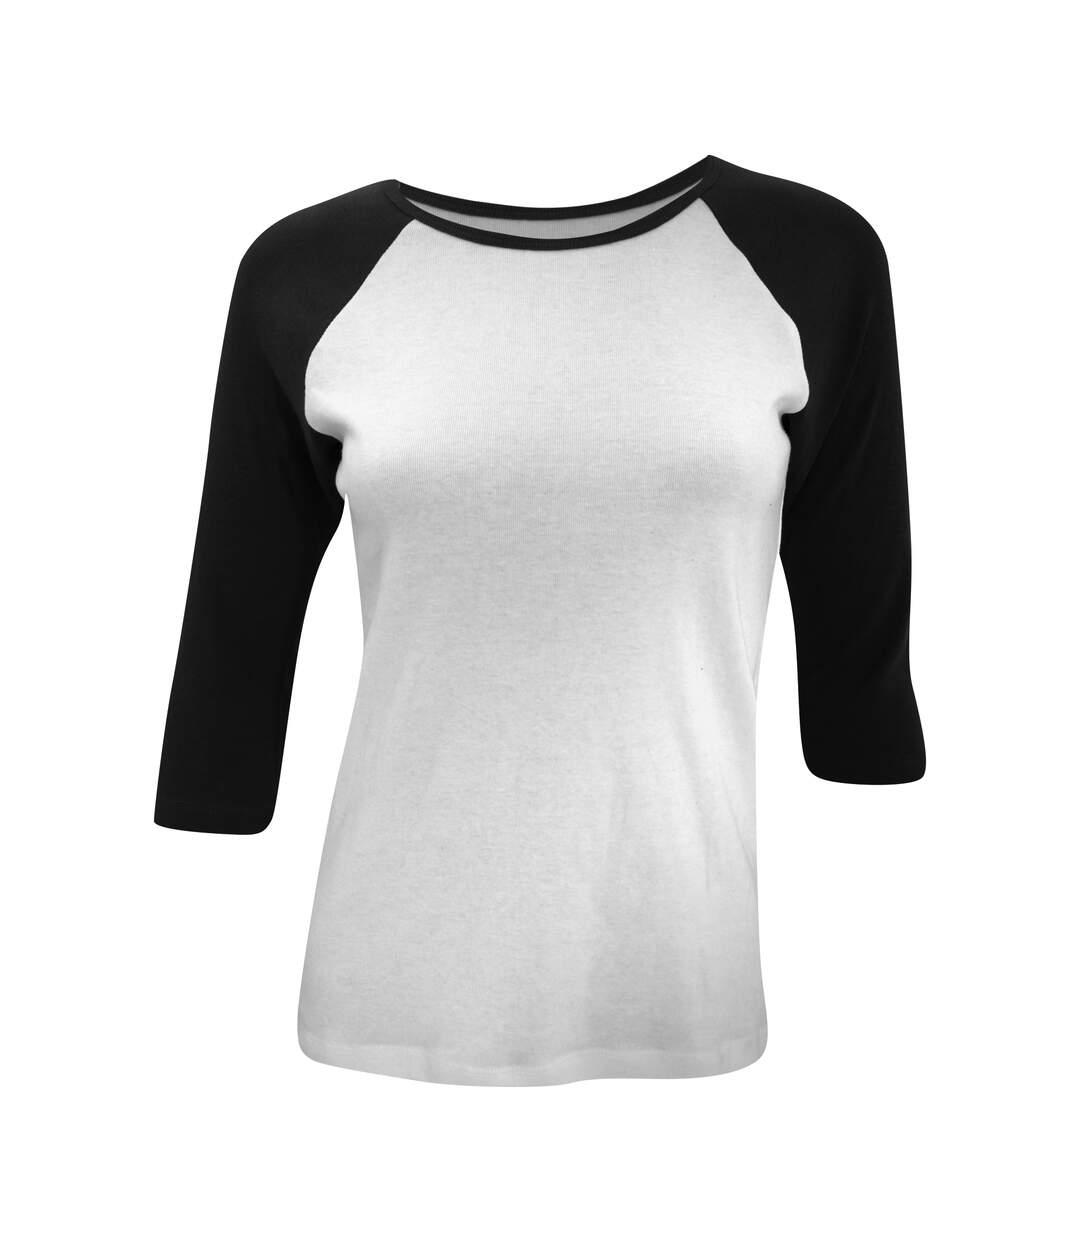 Bella - T-Shirt À Manches 3/4, 100% Coton - Femme (Blanc/Noir) - UTBC2582